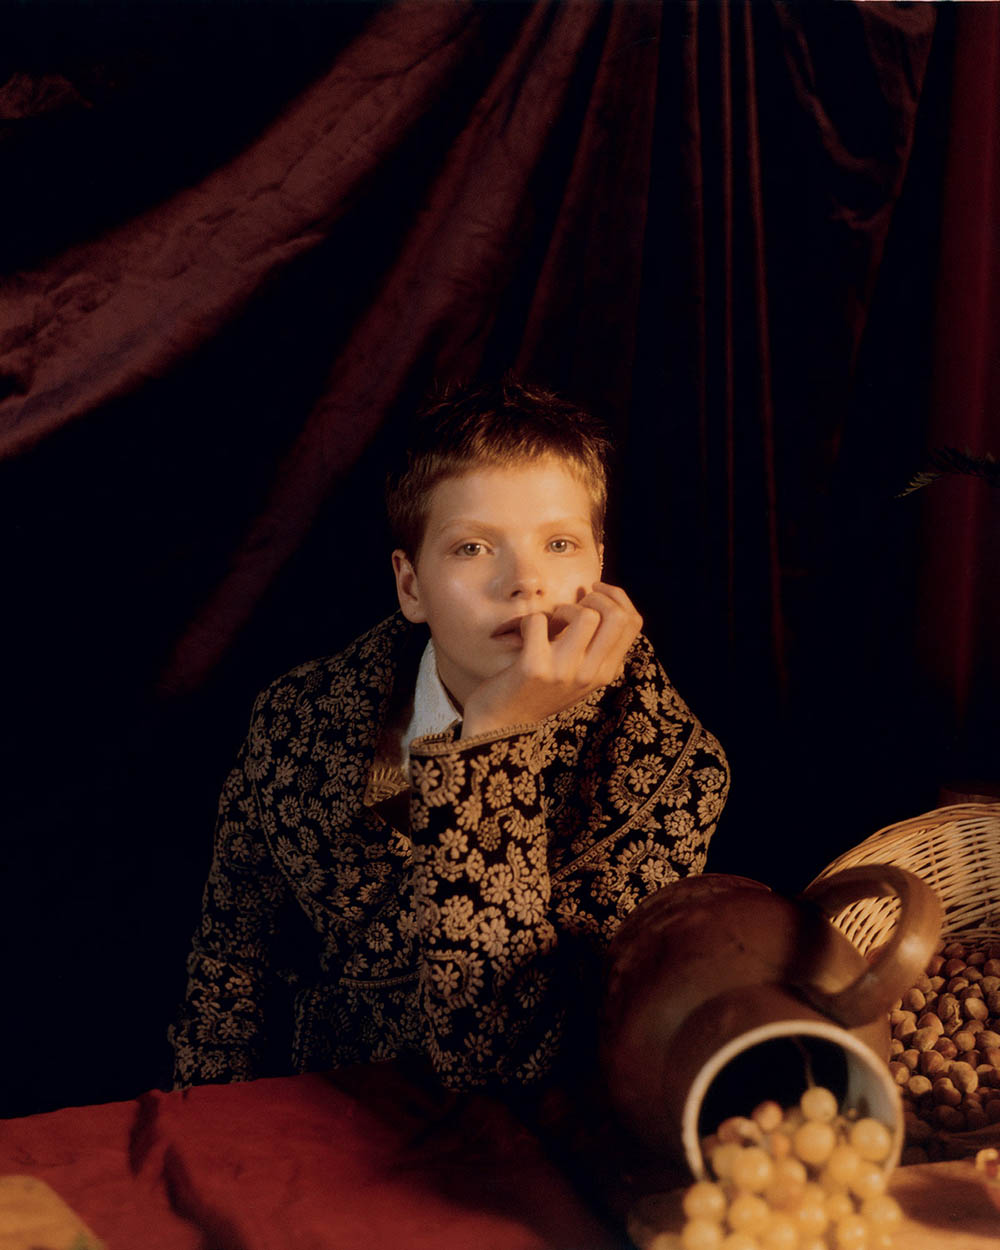 Minnie Wastie covers Vogue Portugal December 2018 by Elina Kechicheva